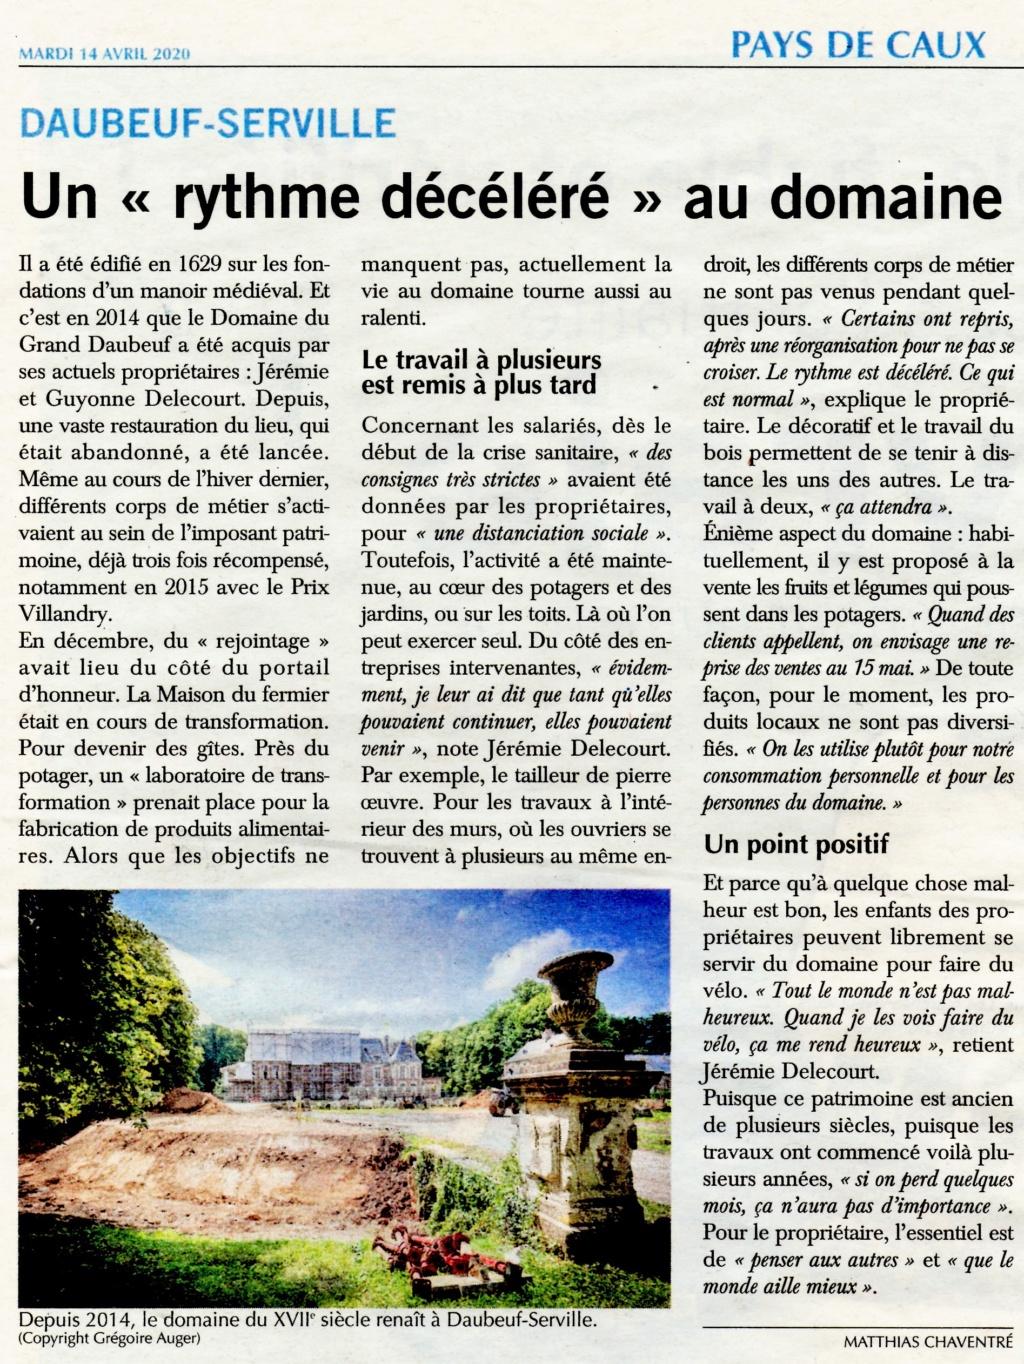 Daubeuf-Serville - Domaine du Grand Daubeuf 2020-042